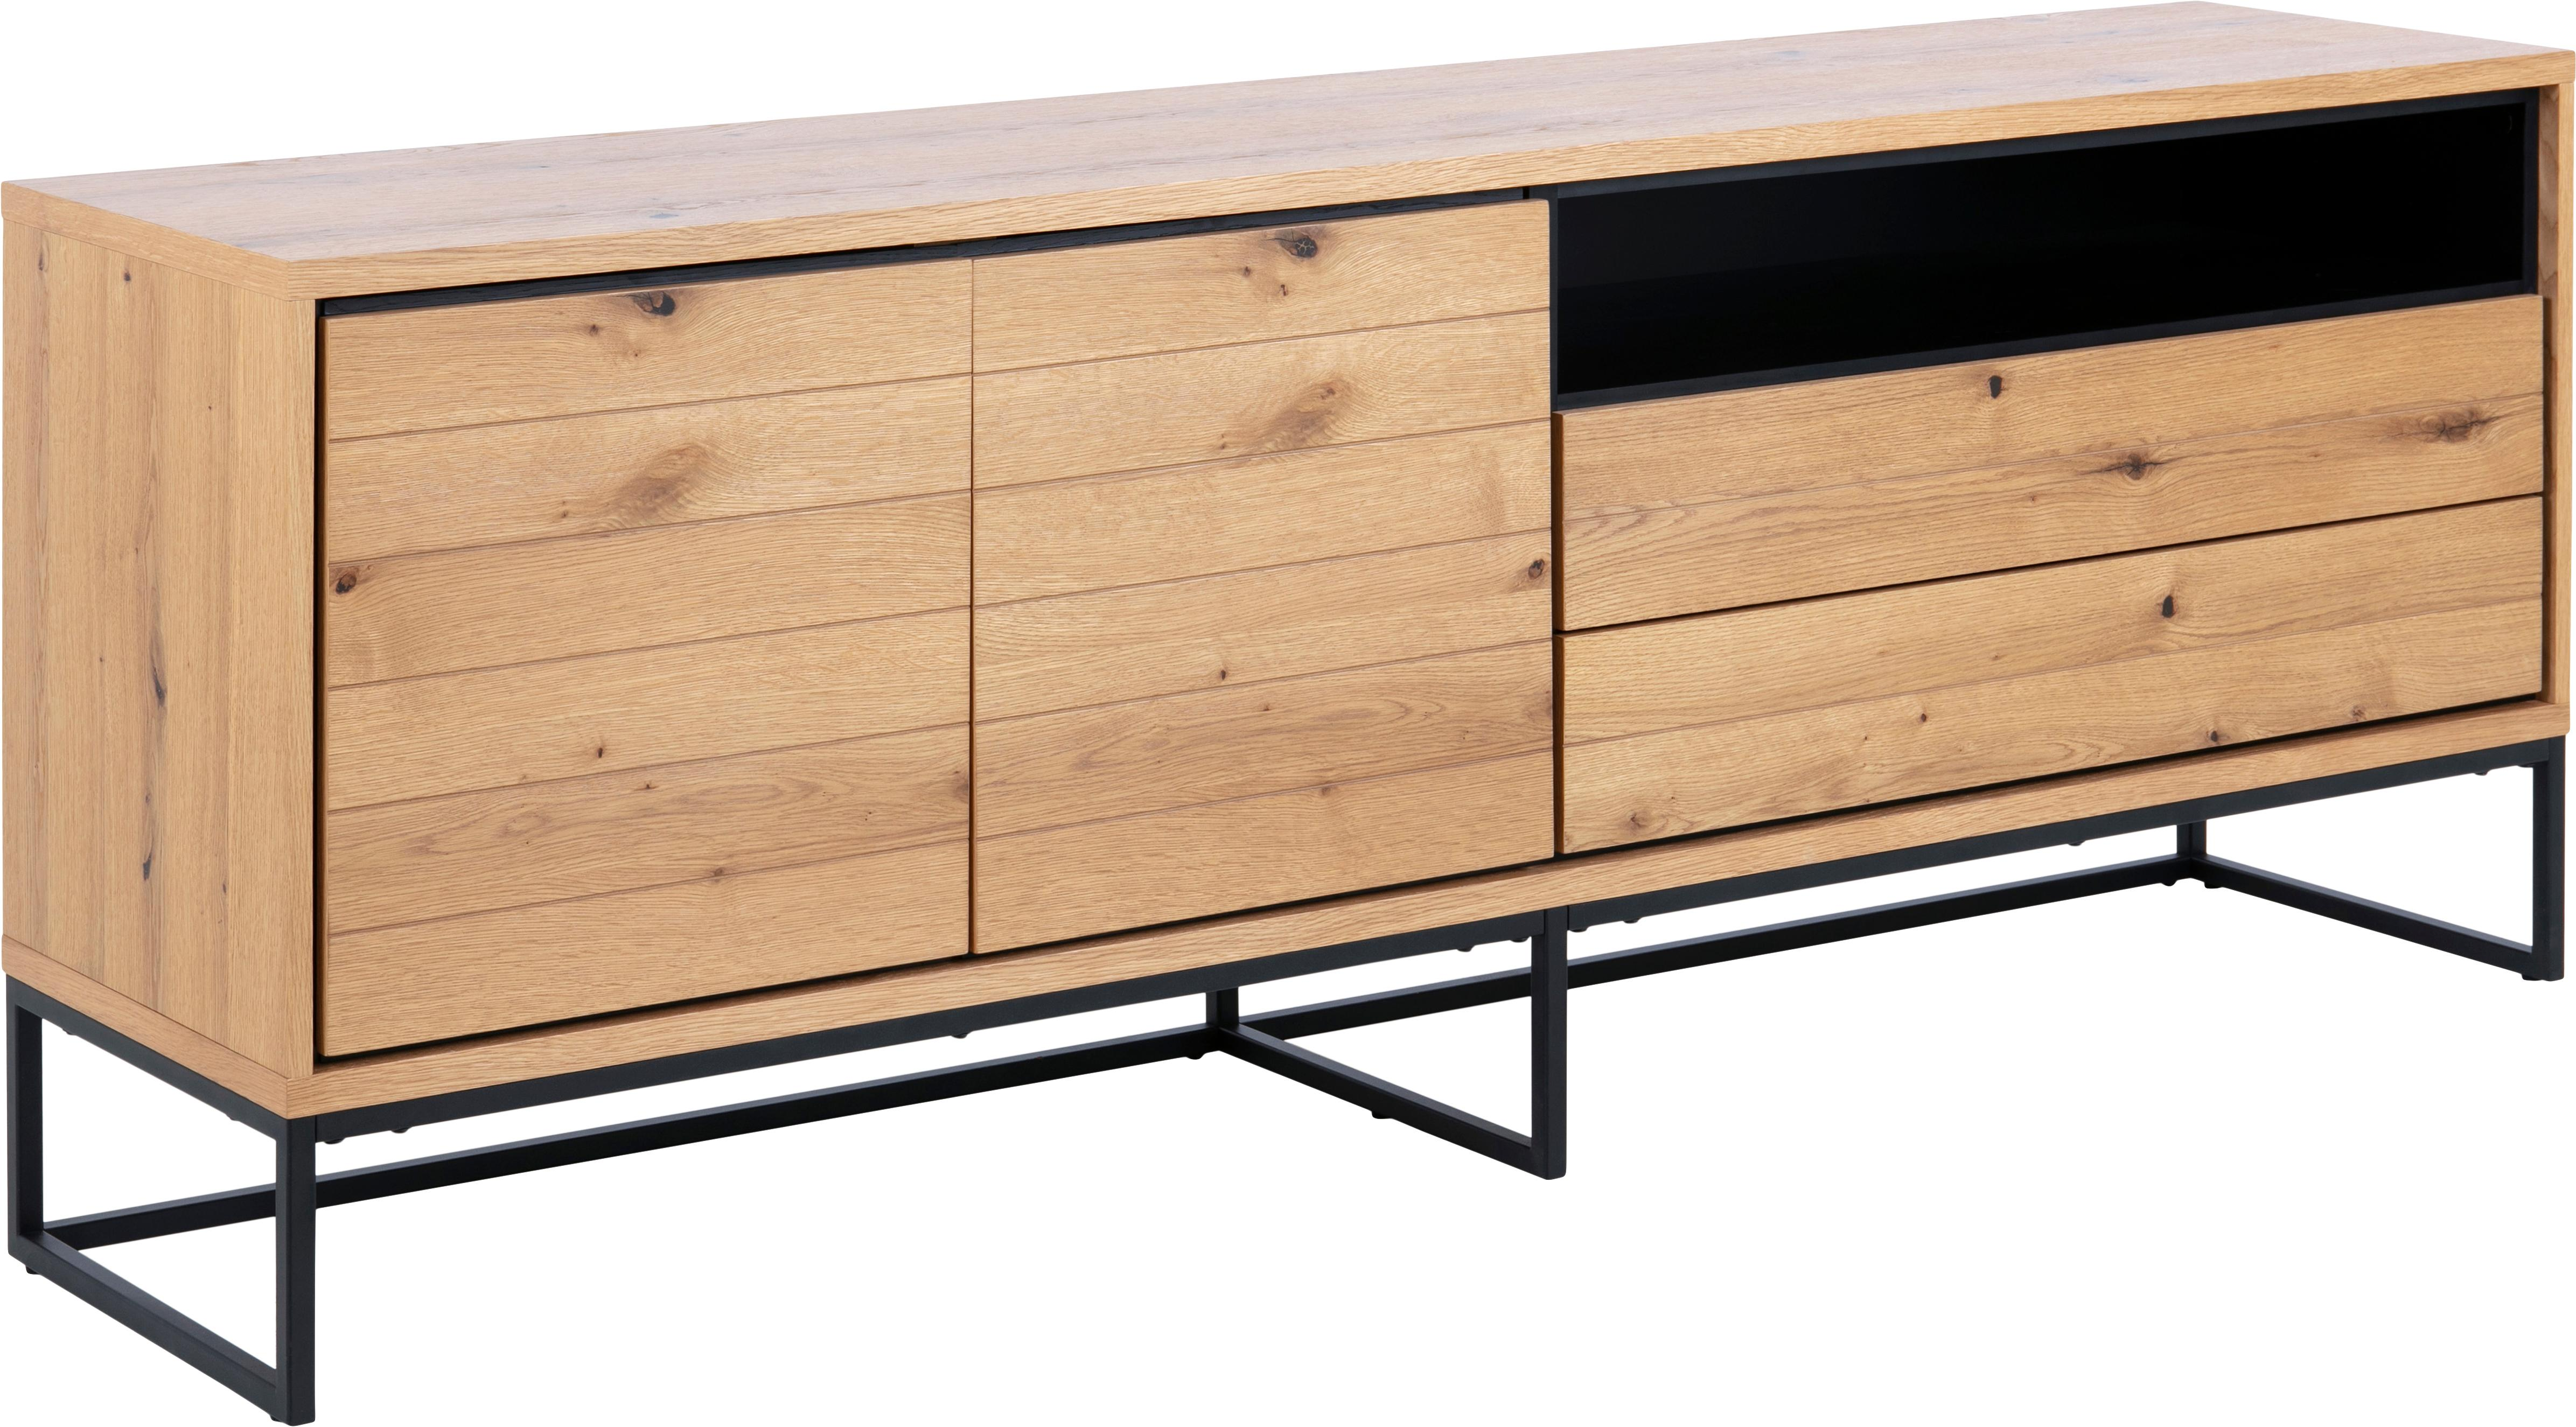 Sideboard Dalarna mit Eichenholzfurnier, Korpus: Mitteldichte Holzfaserpla, Füße: Metall, pulverbeschichtet, Wildeiche, Schwarz, 197 x 76 cm